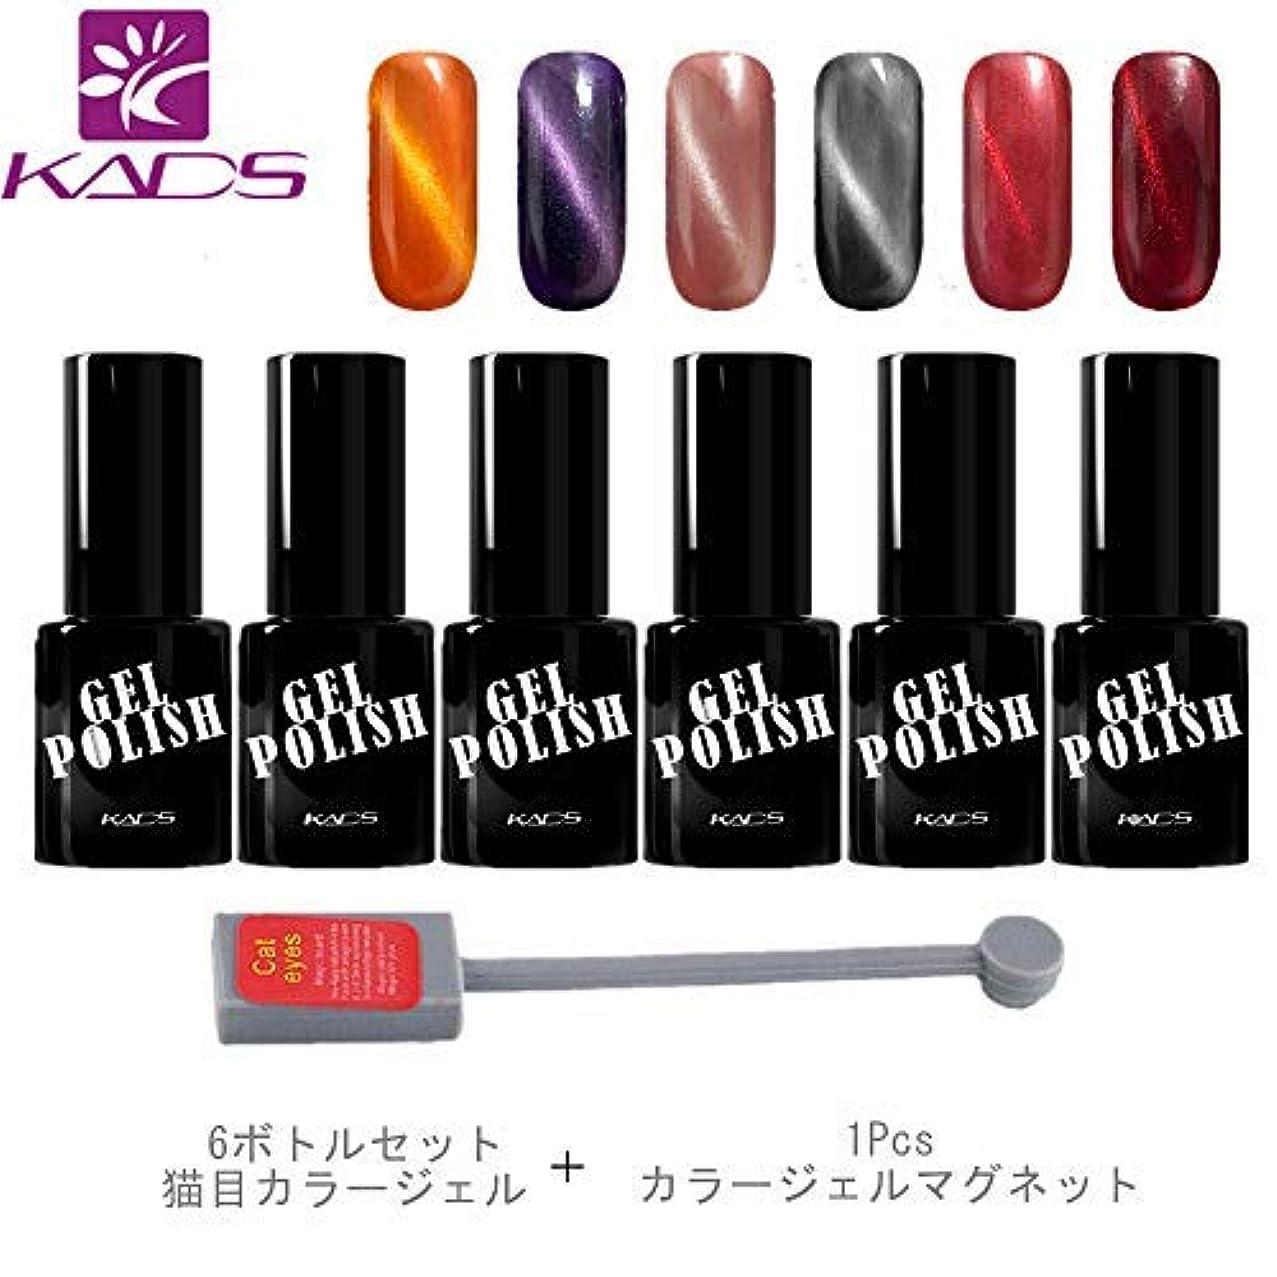 中生き残り購入KADS キャッツアイジェル ジェルネイルカラーポリッシュ 6色セット 猫目 UV/LED対応 マグネット 磁石付き マニキュアセット (セット6)